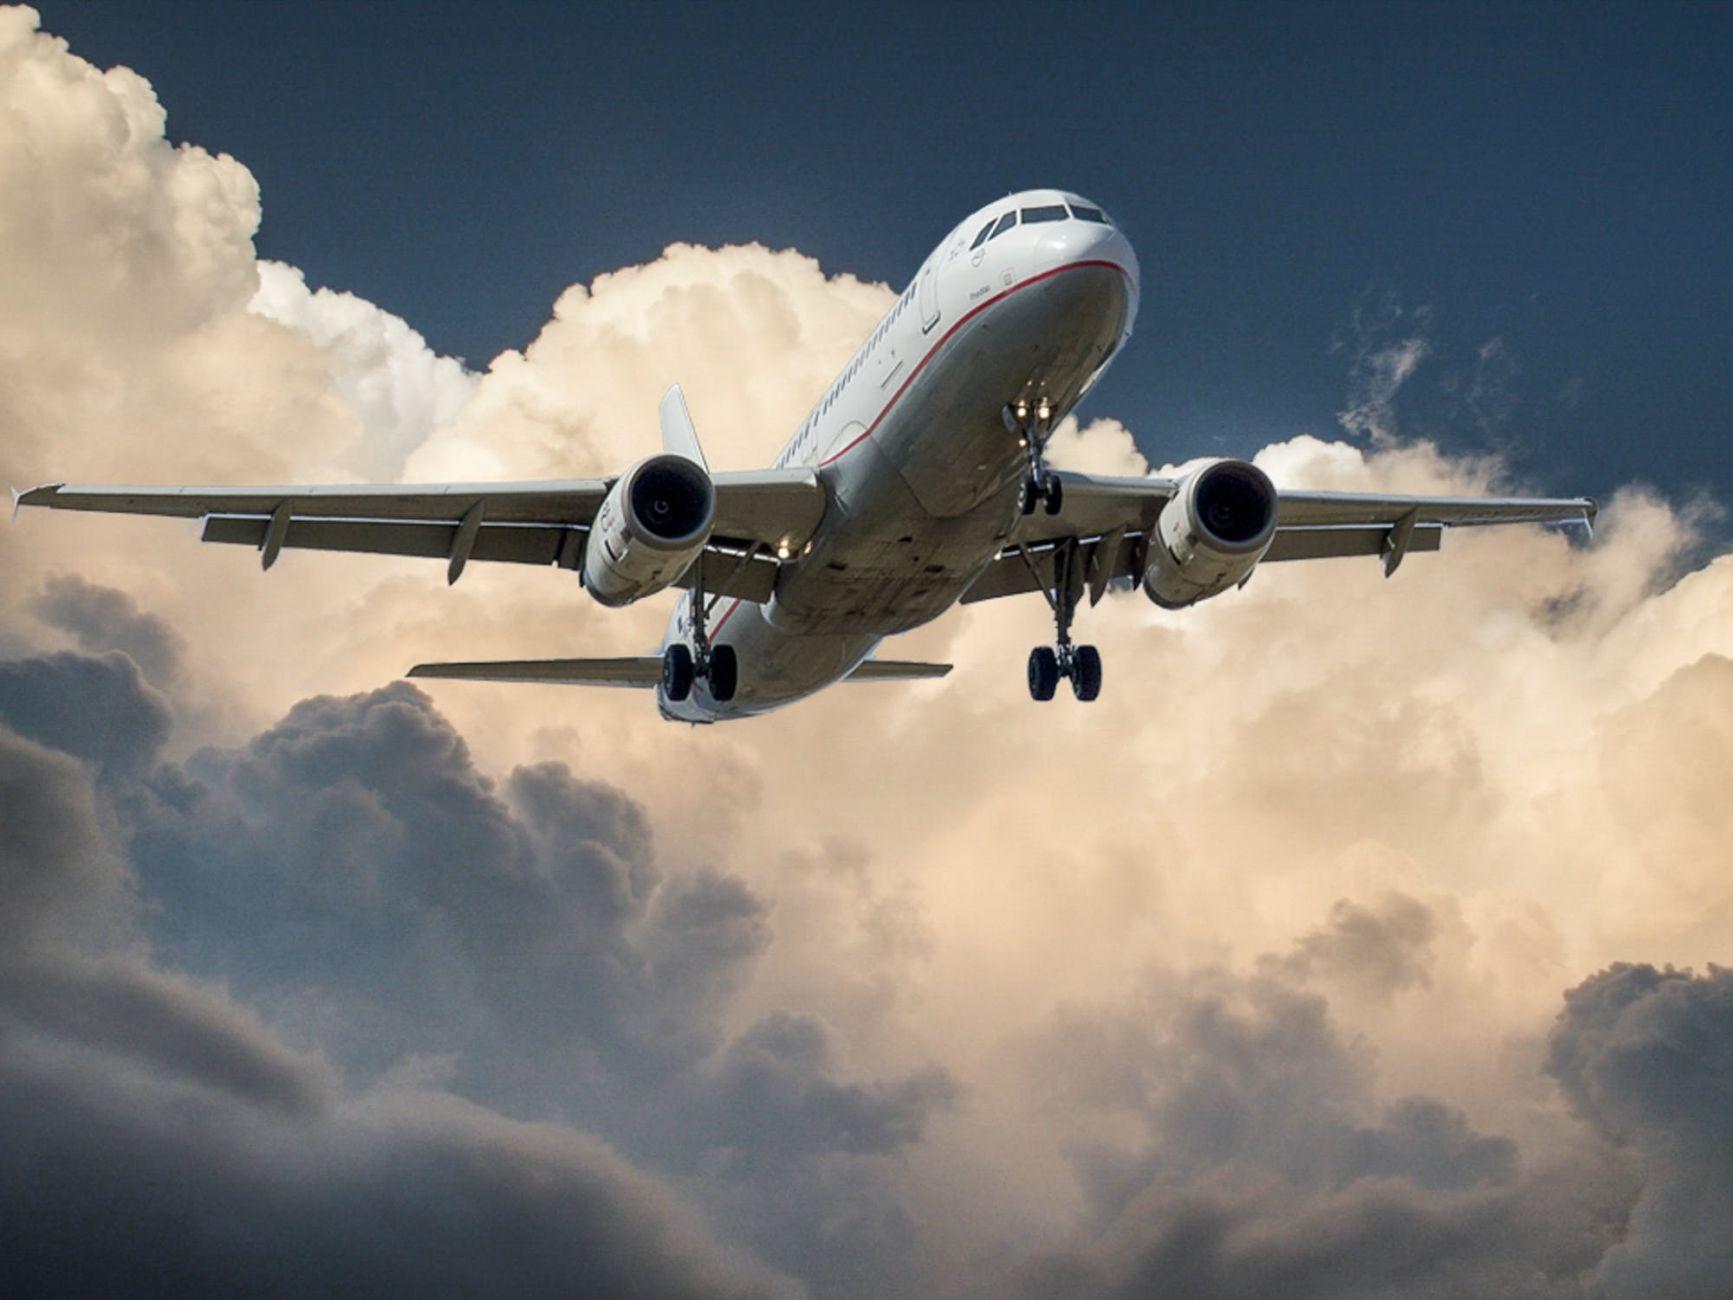 Provincie wil onderzoek naar 'verhuizing' vliegveld